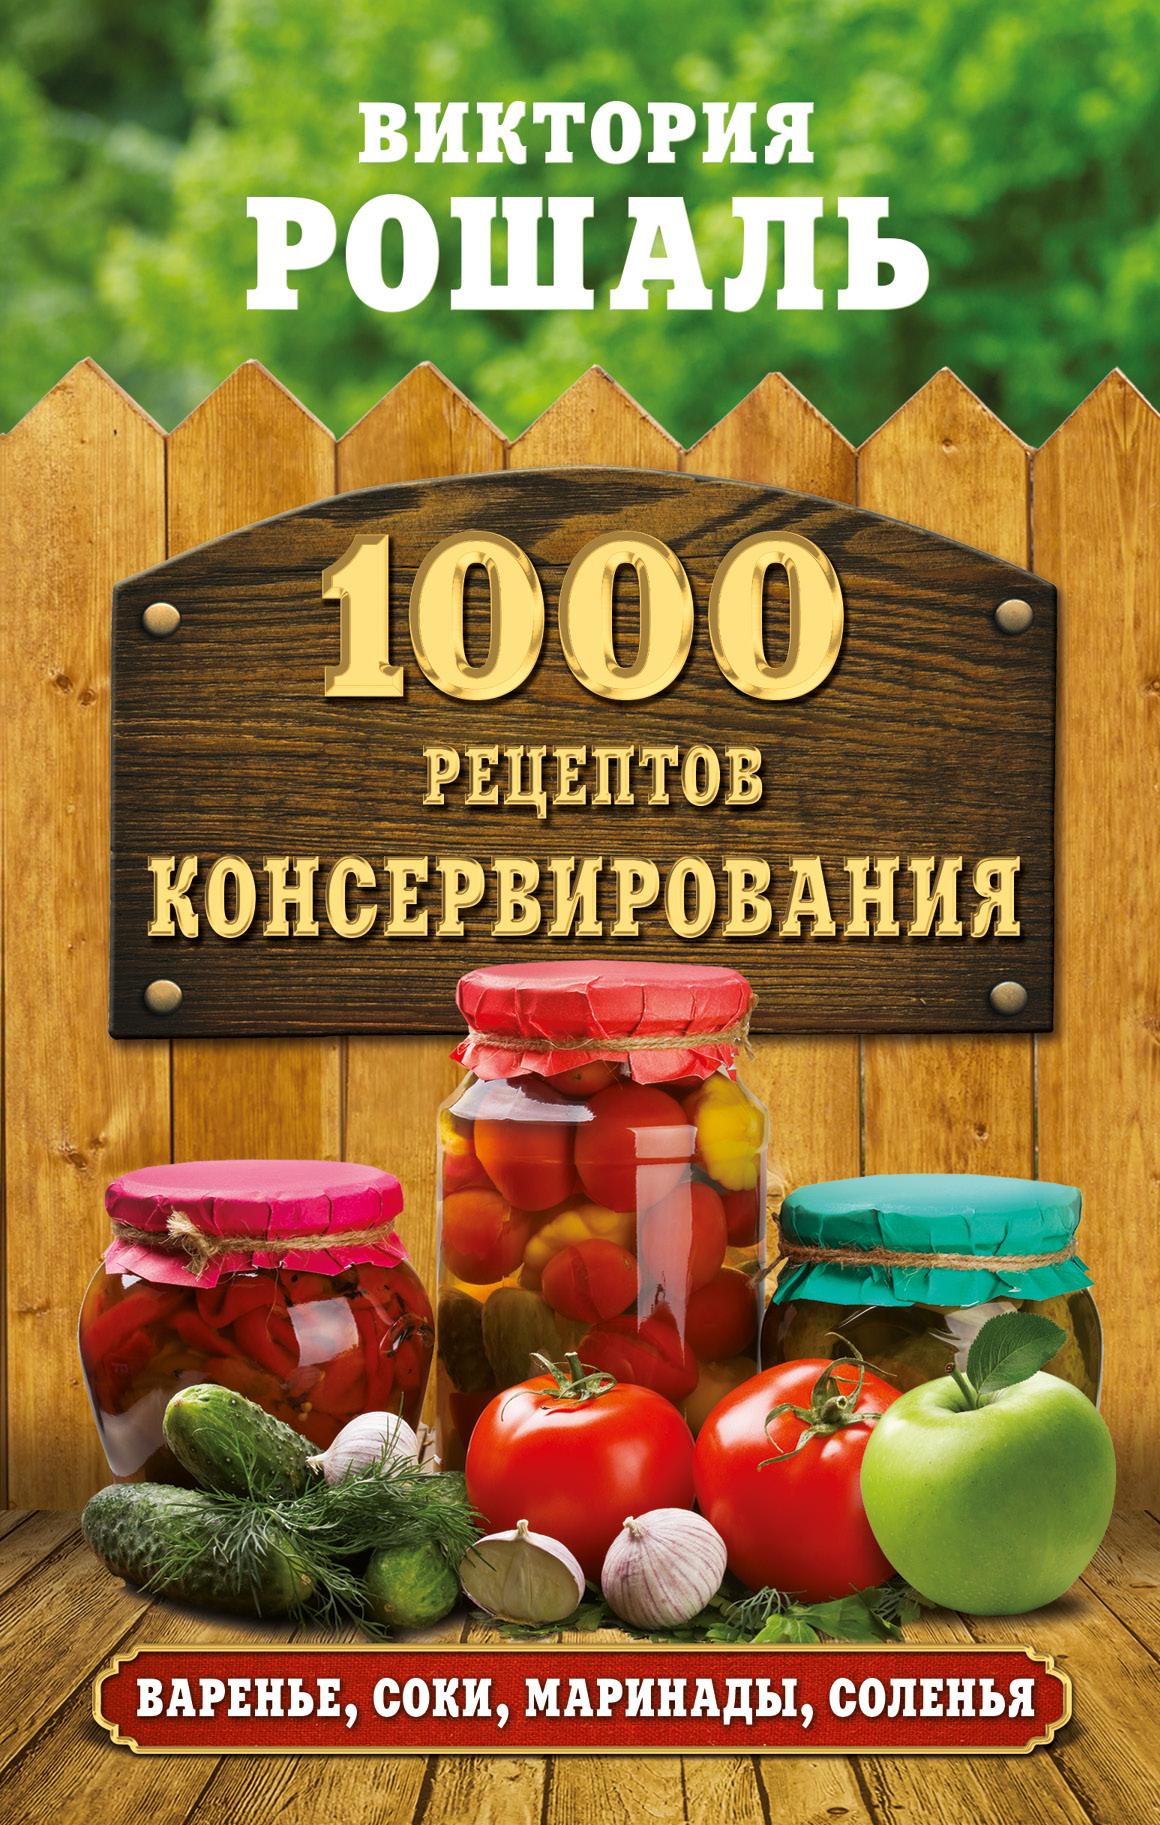 Виктория Рошаль 1000 рецептов консервирования анчоусы flott филе в подсолнечном масле